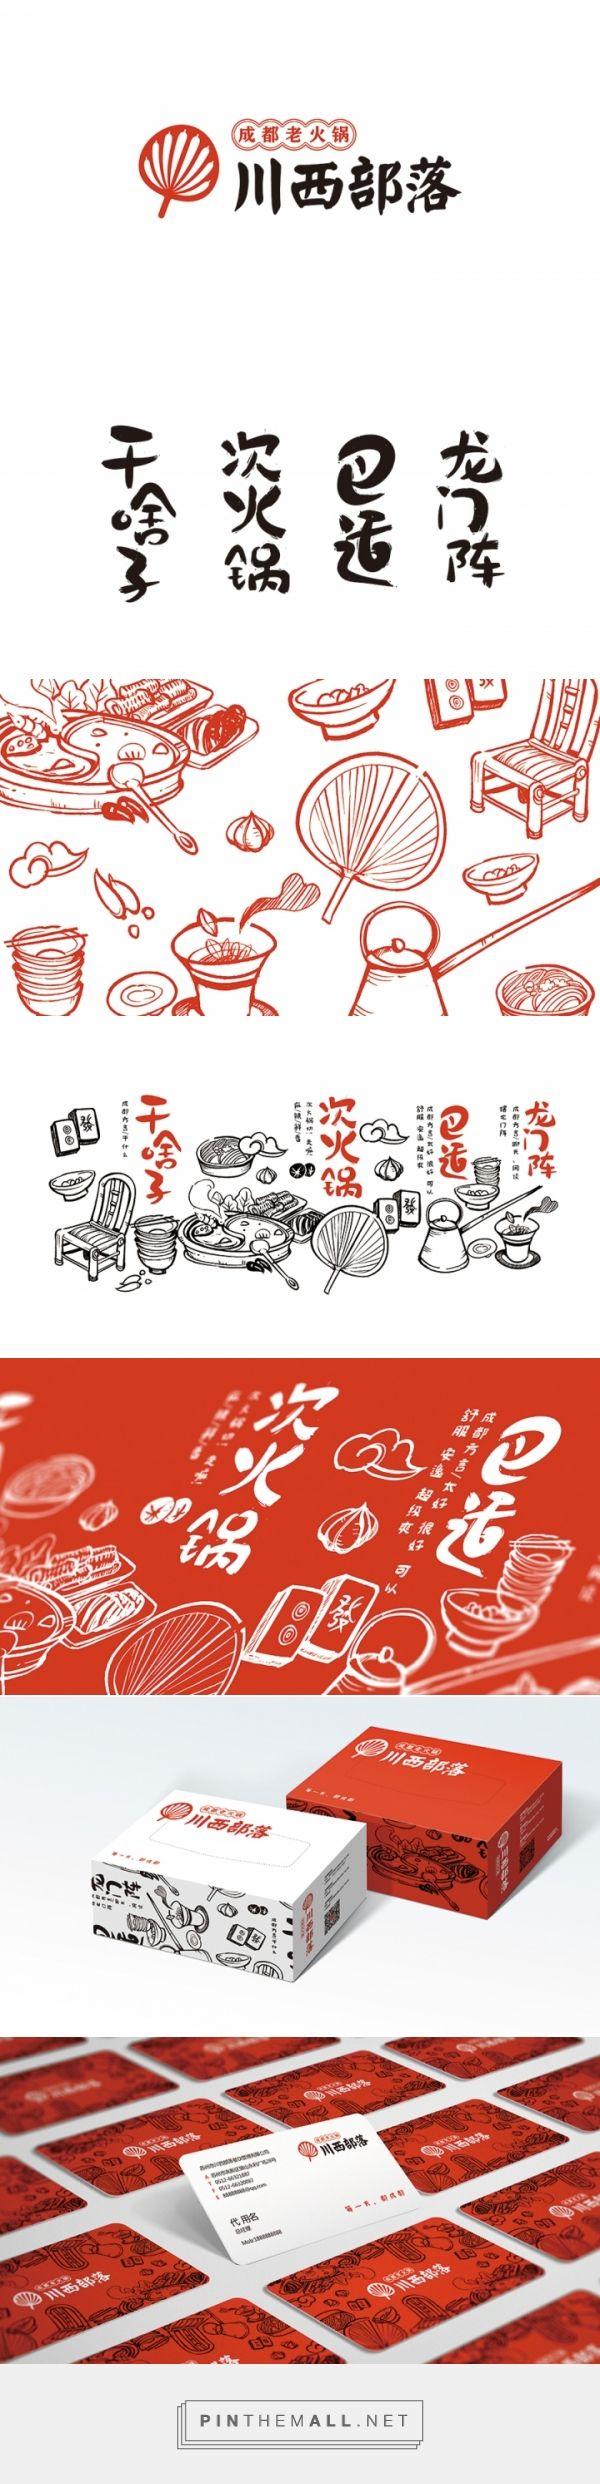 川西部落 | 合众合餐饮品牌设计